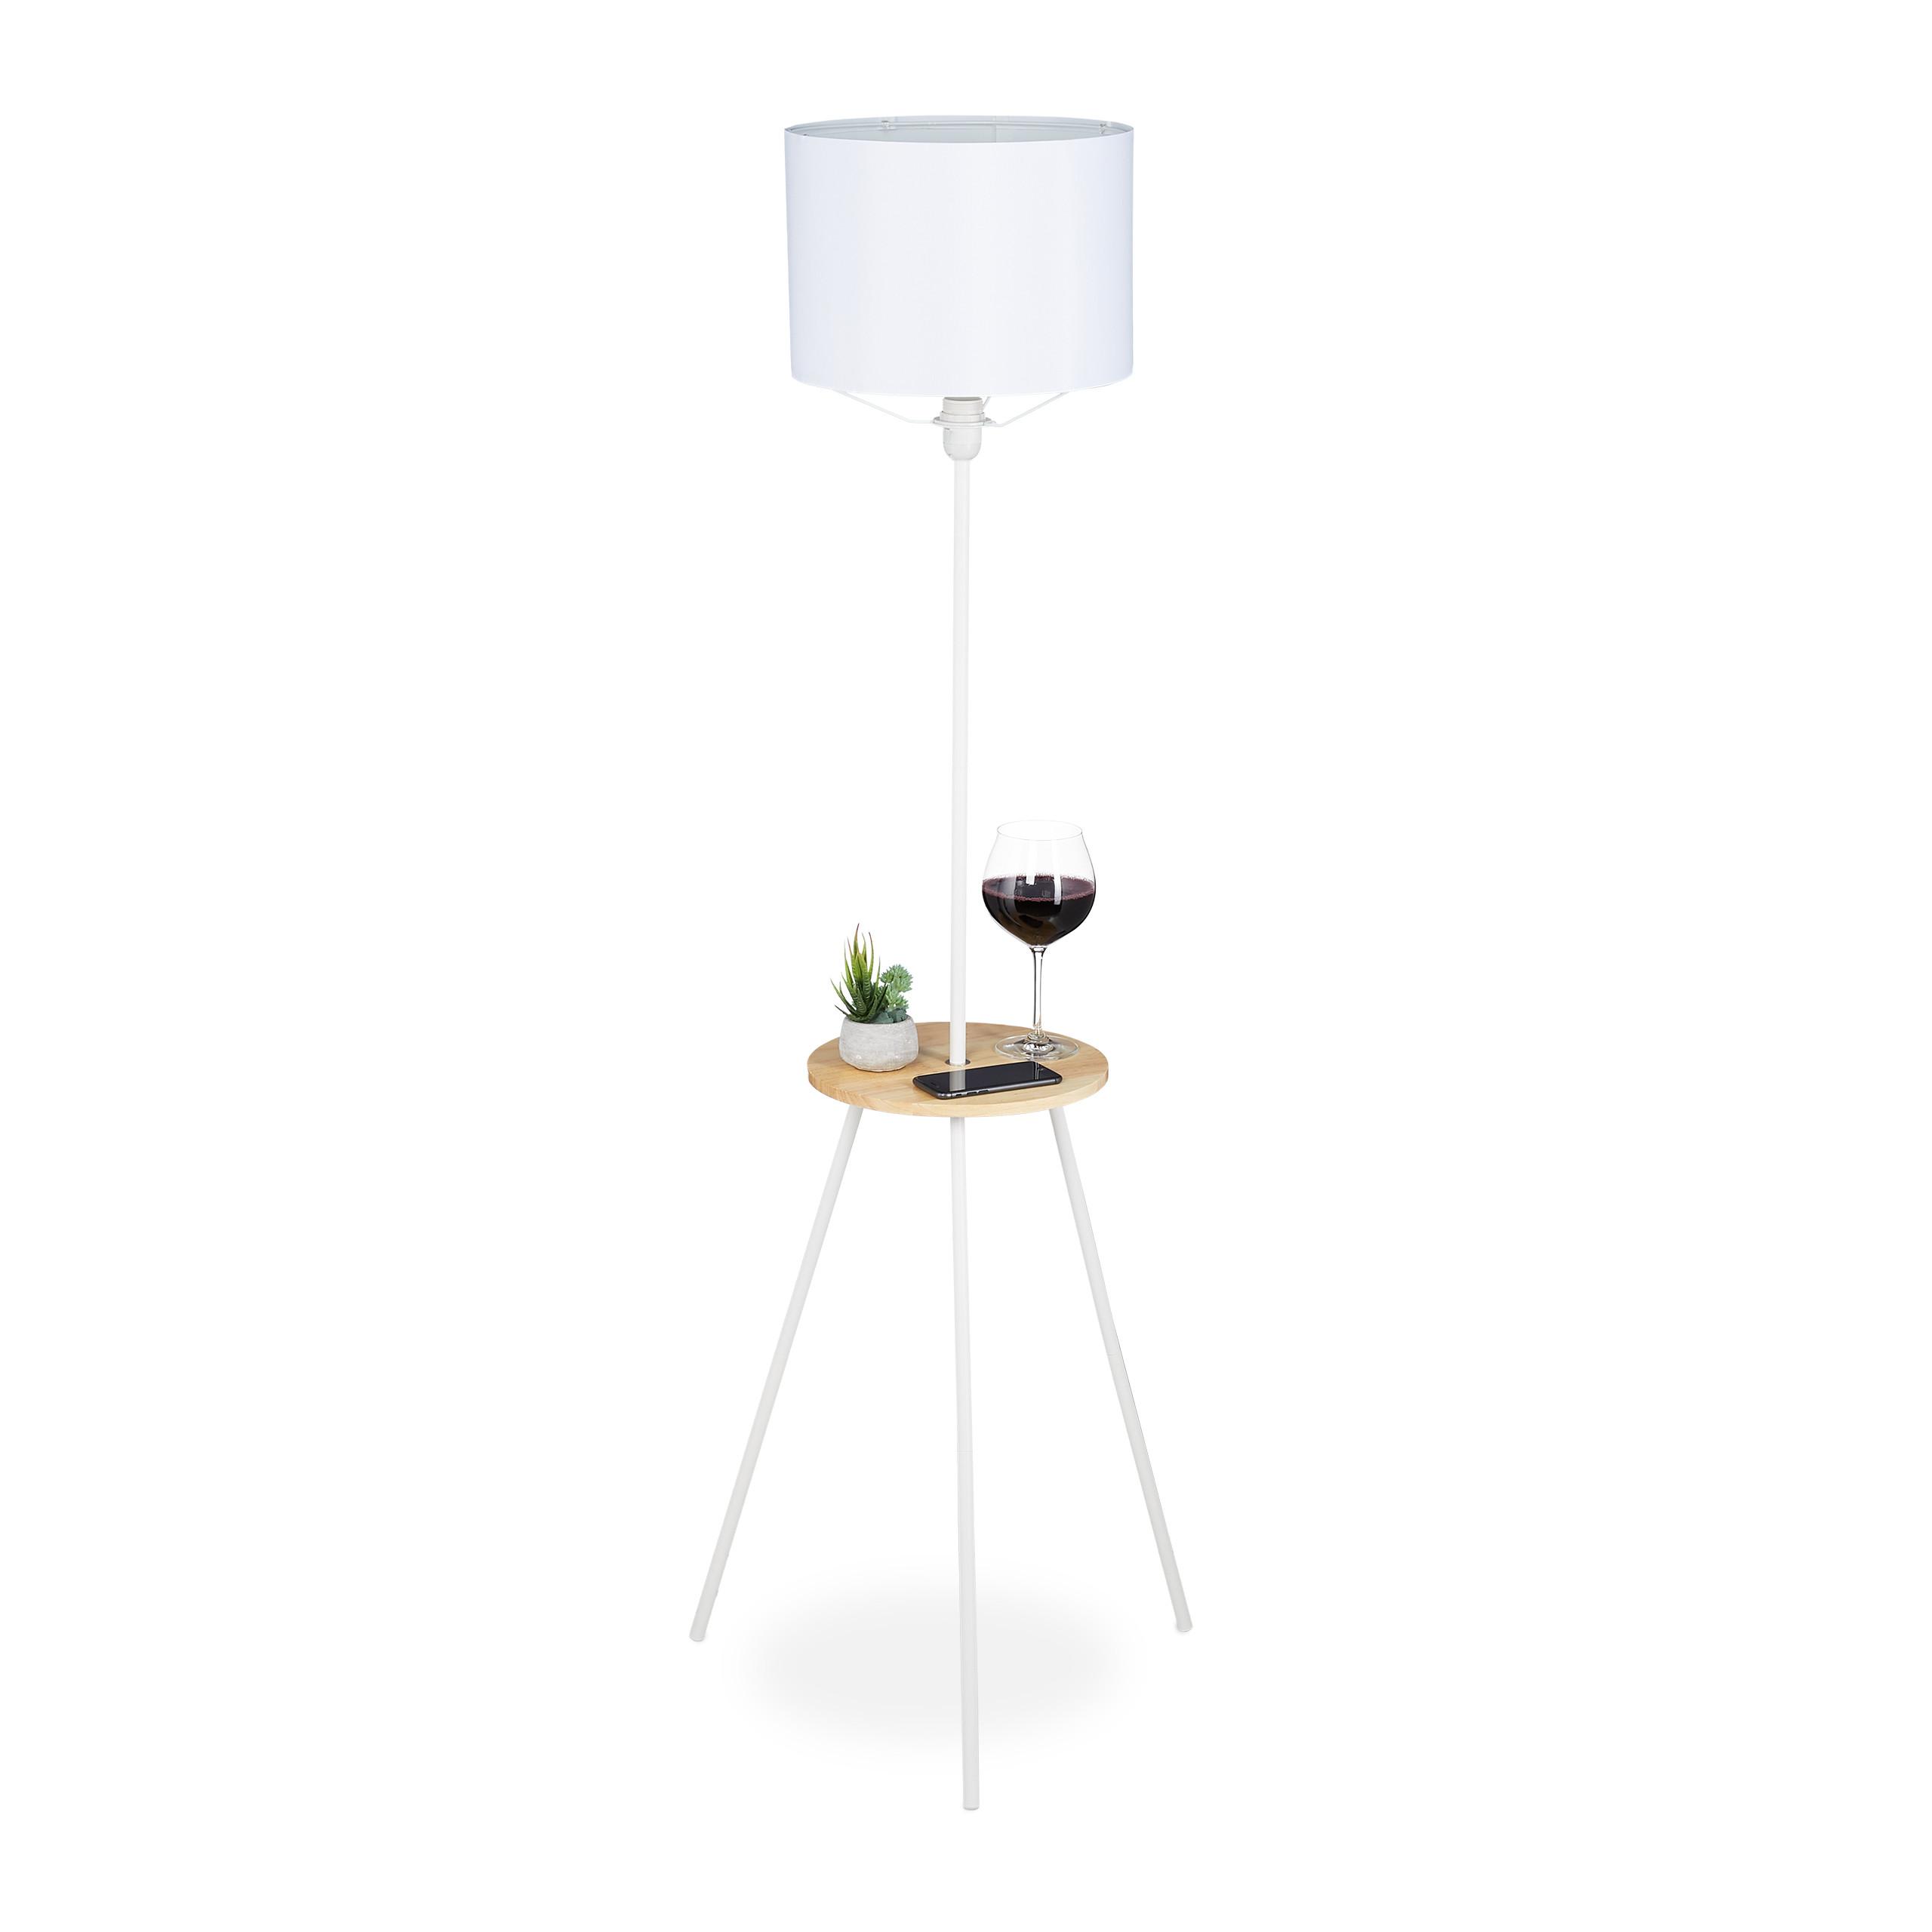 Stehlampe Mit Tisch Stehleuchte Standleuchte Standlampe Tripod